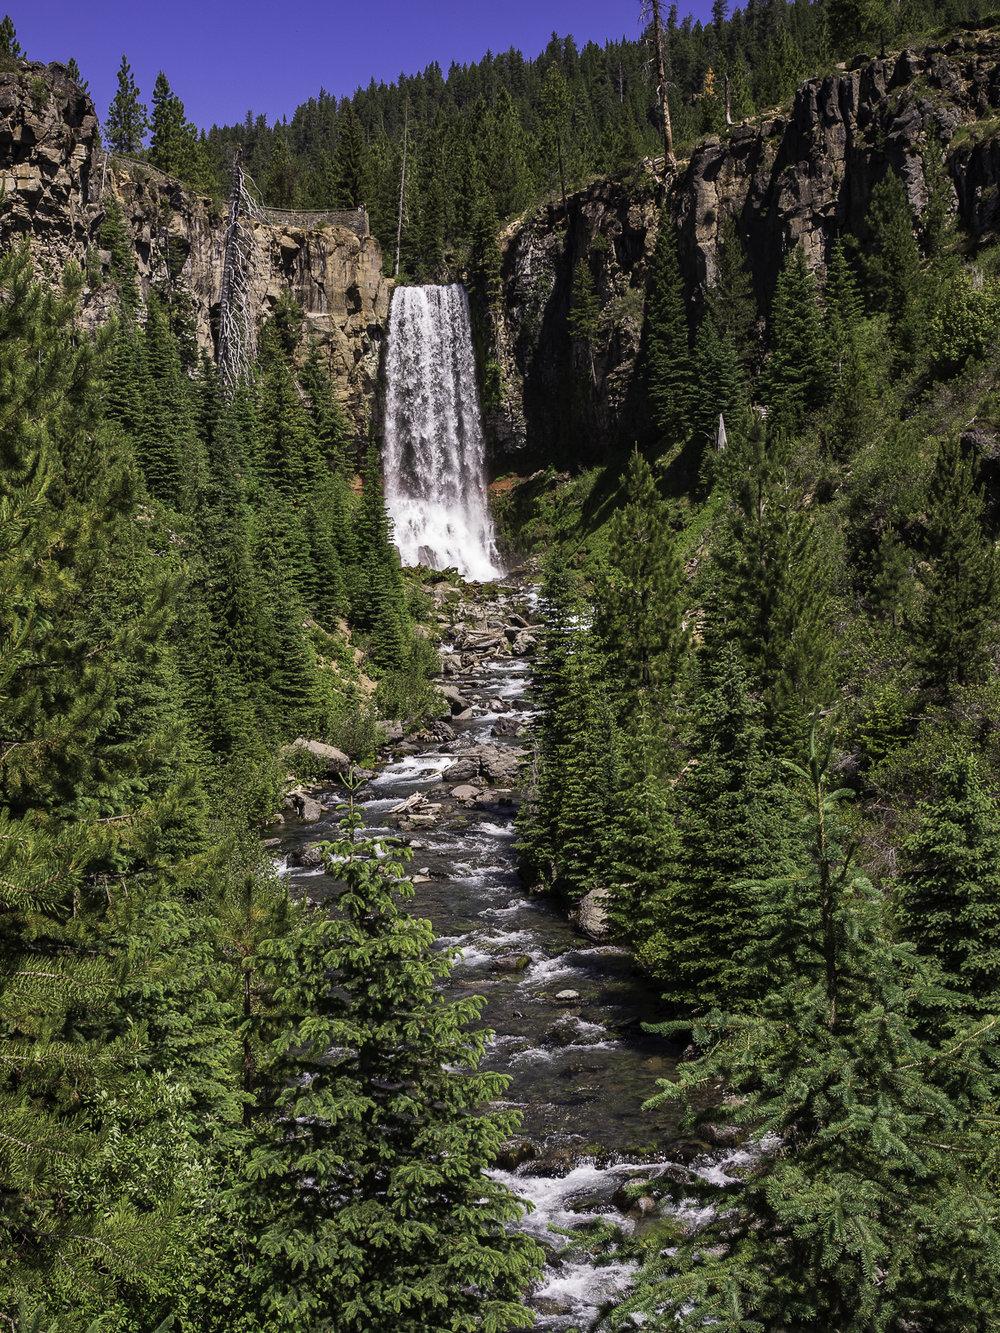 Tumalo Falls, OR